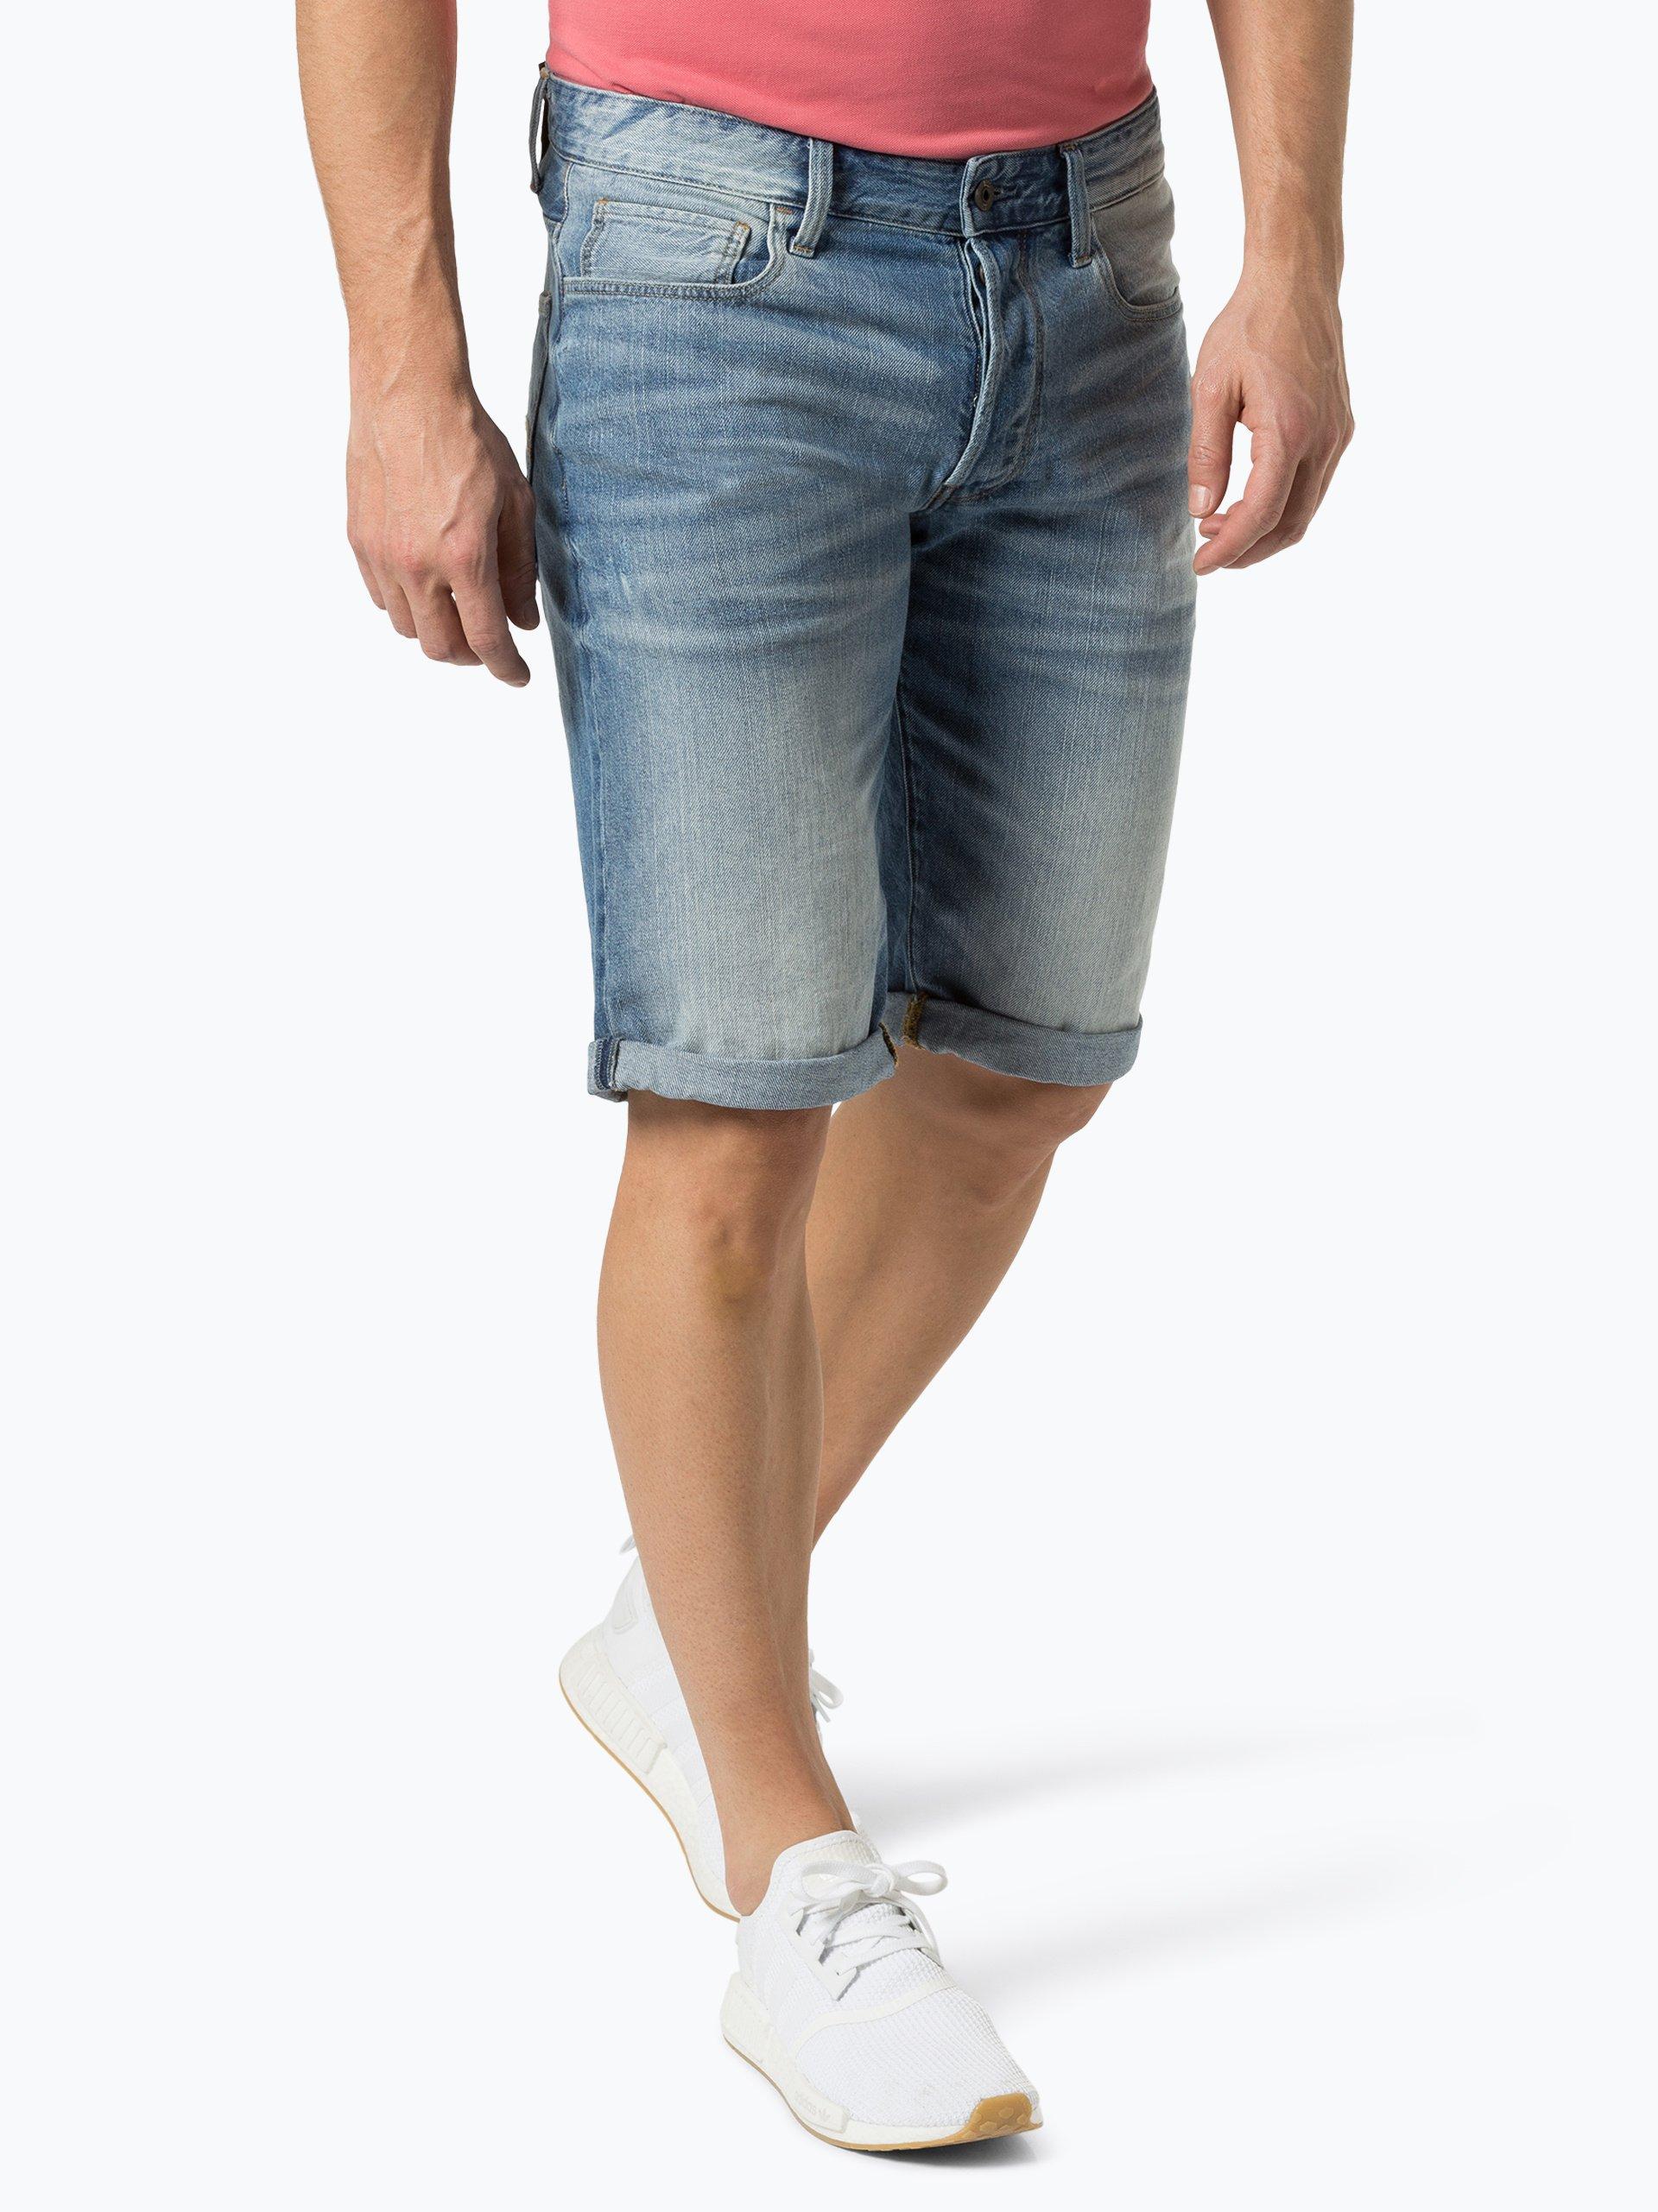 G-Star Herren Jeansshorts - 3301